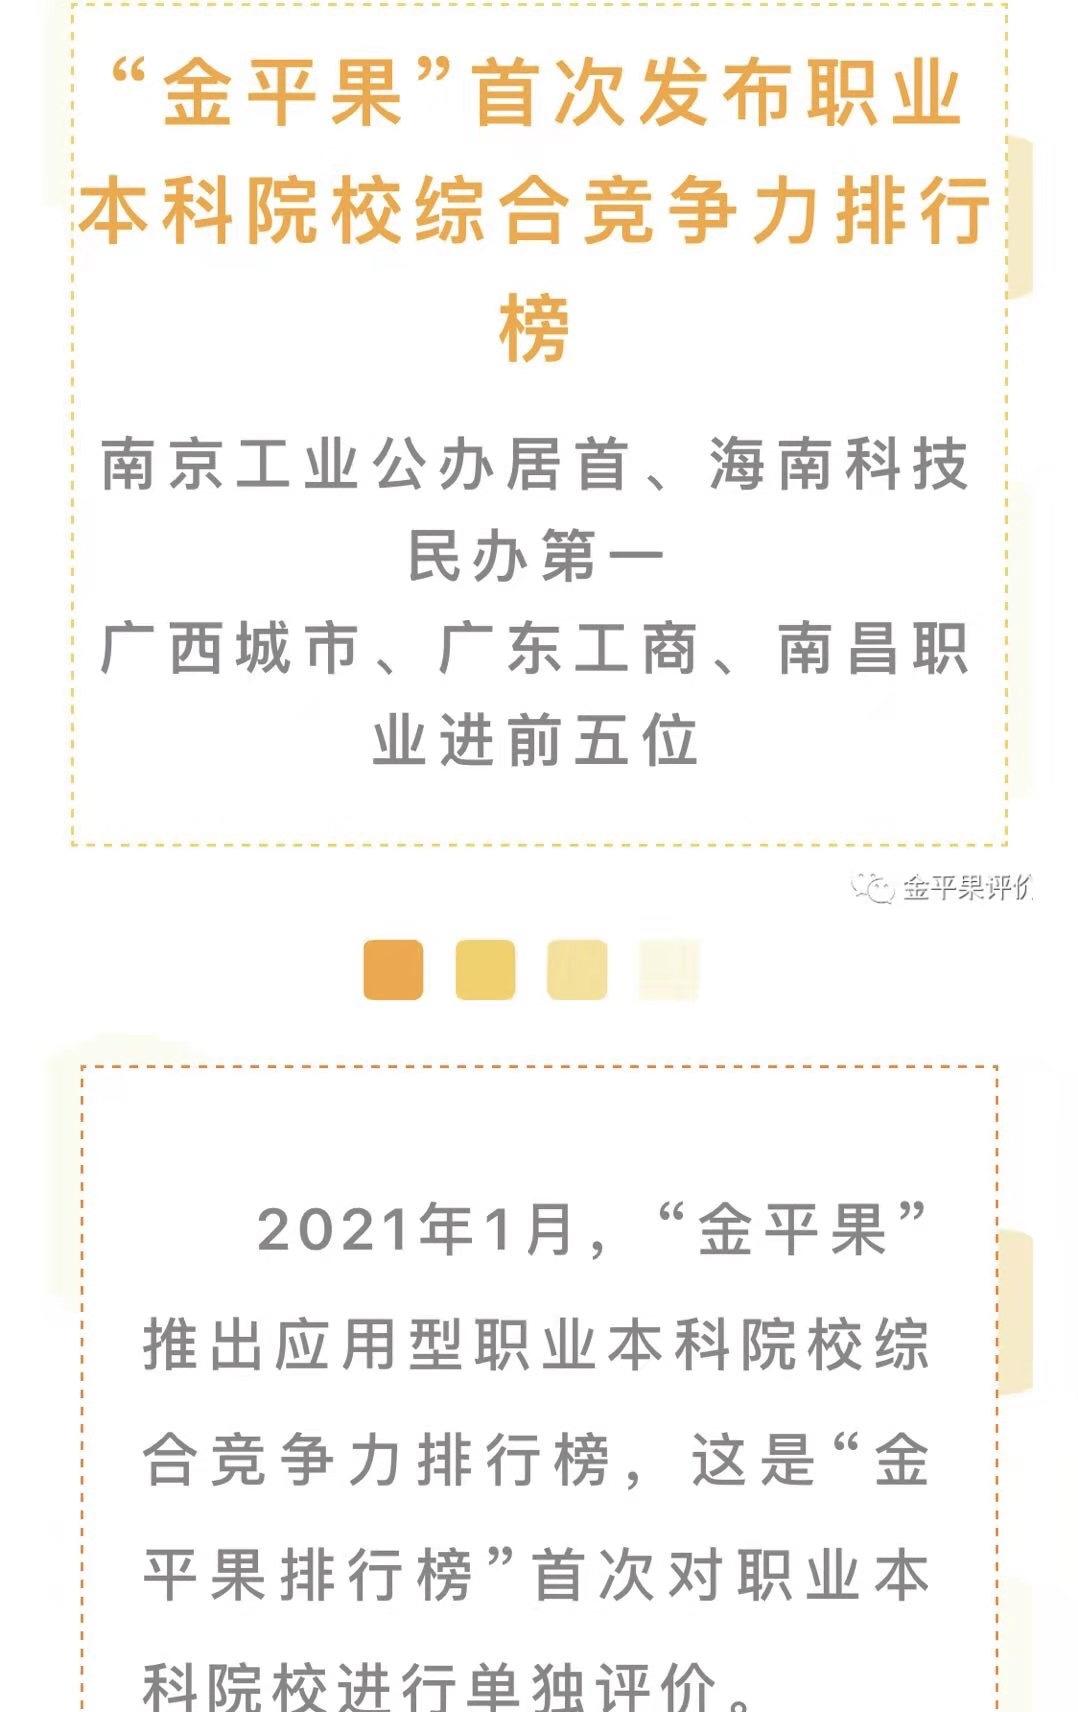 寰俊鍥剧墖_20210122200729.jpg